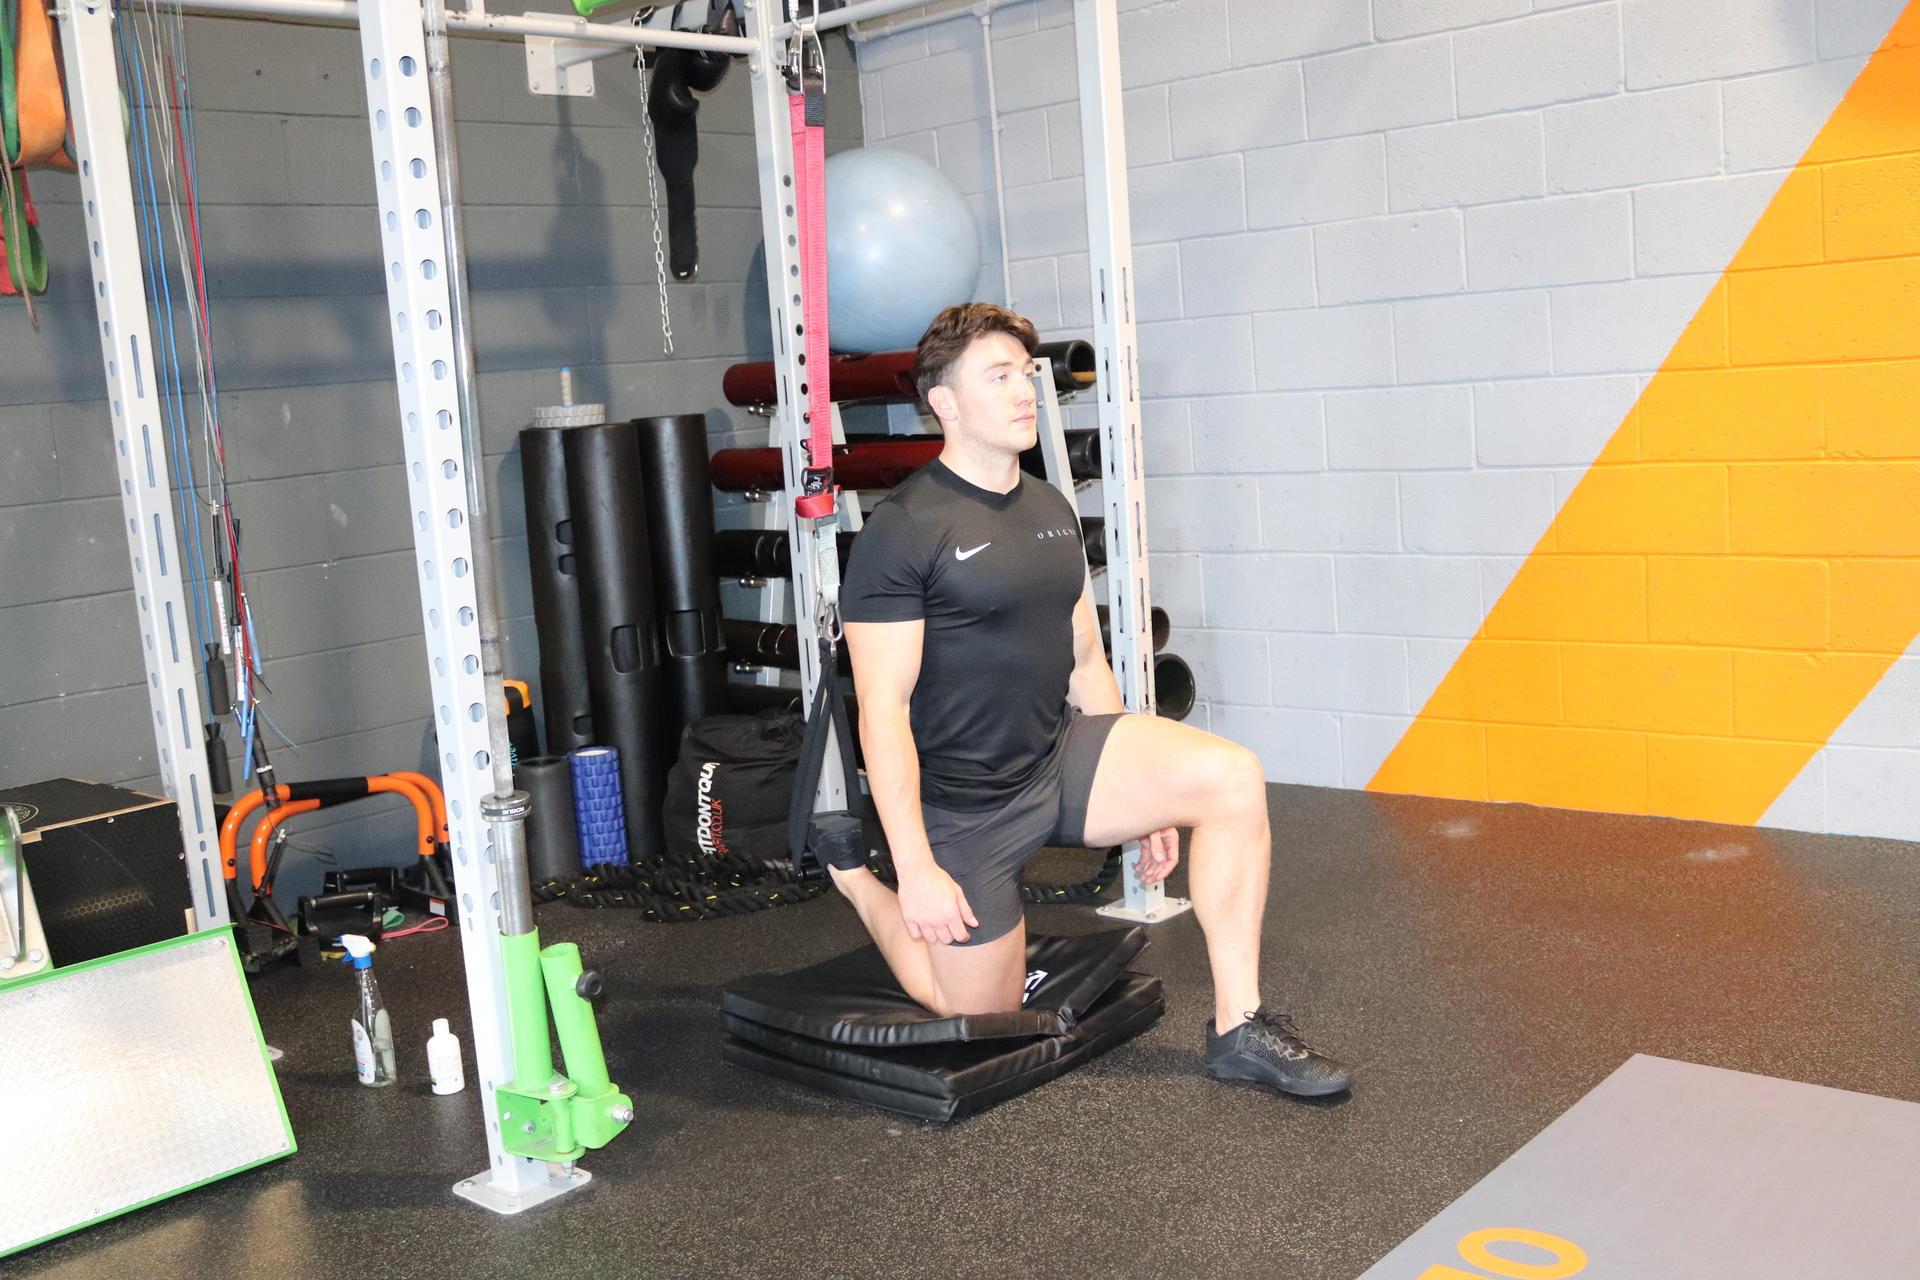 trx training exercises for beginners